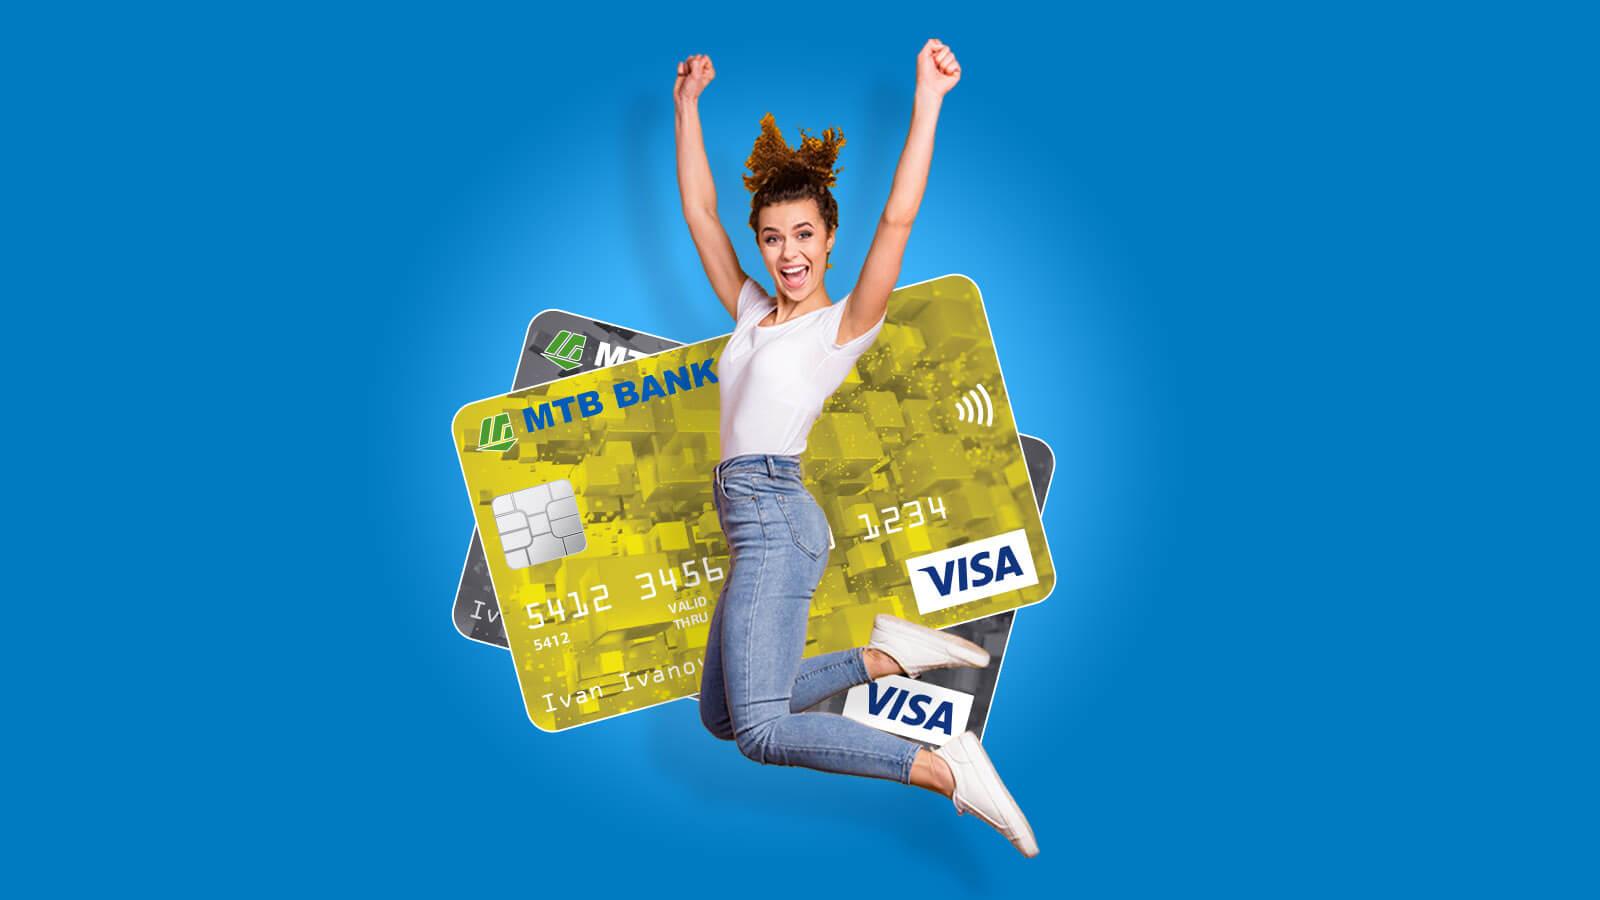 """Акция """"Зарабатывай с кредиткой""""  продлена до 31 мая 2021 года! - фото - mtb.ua"""